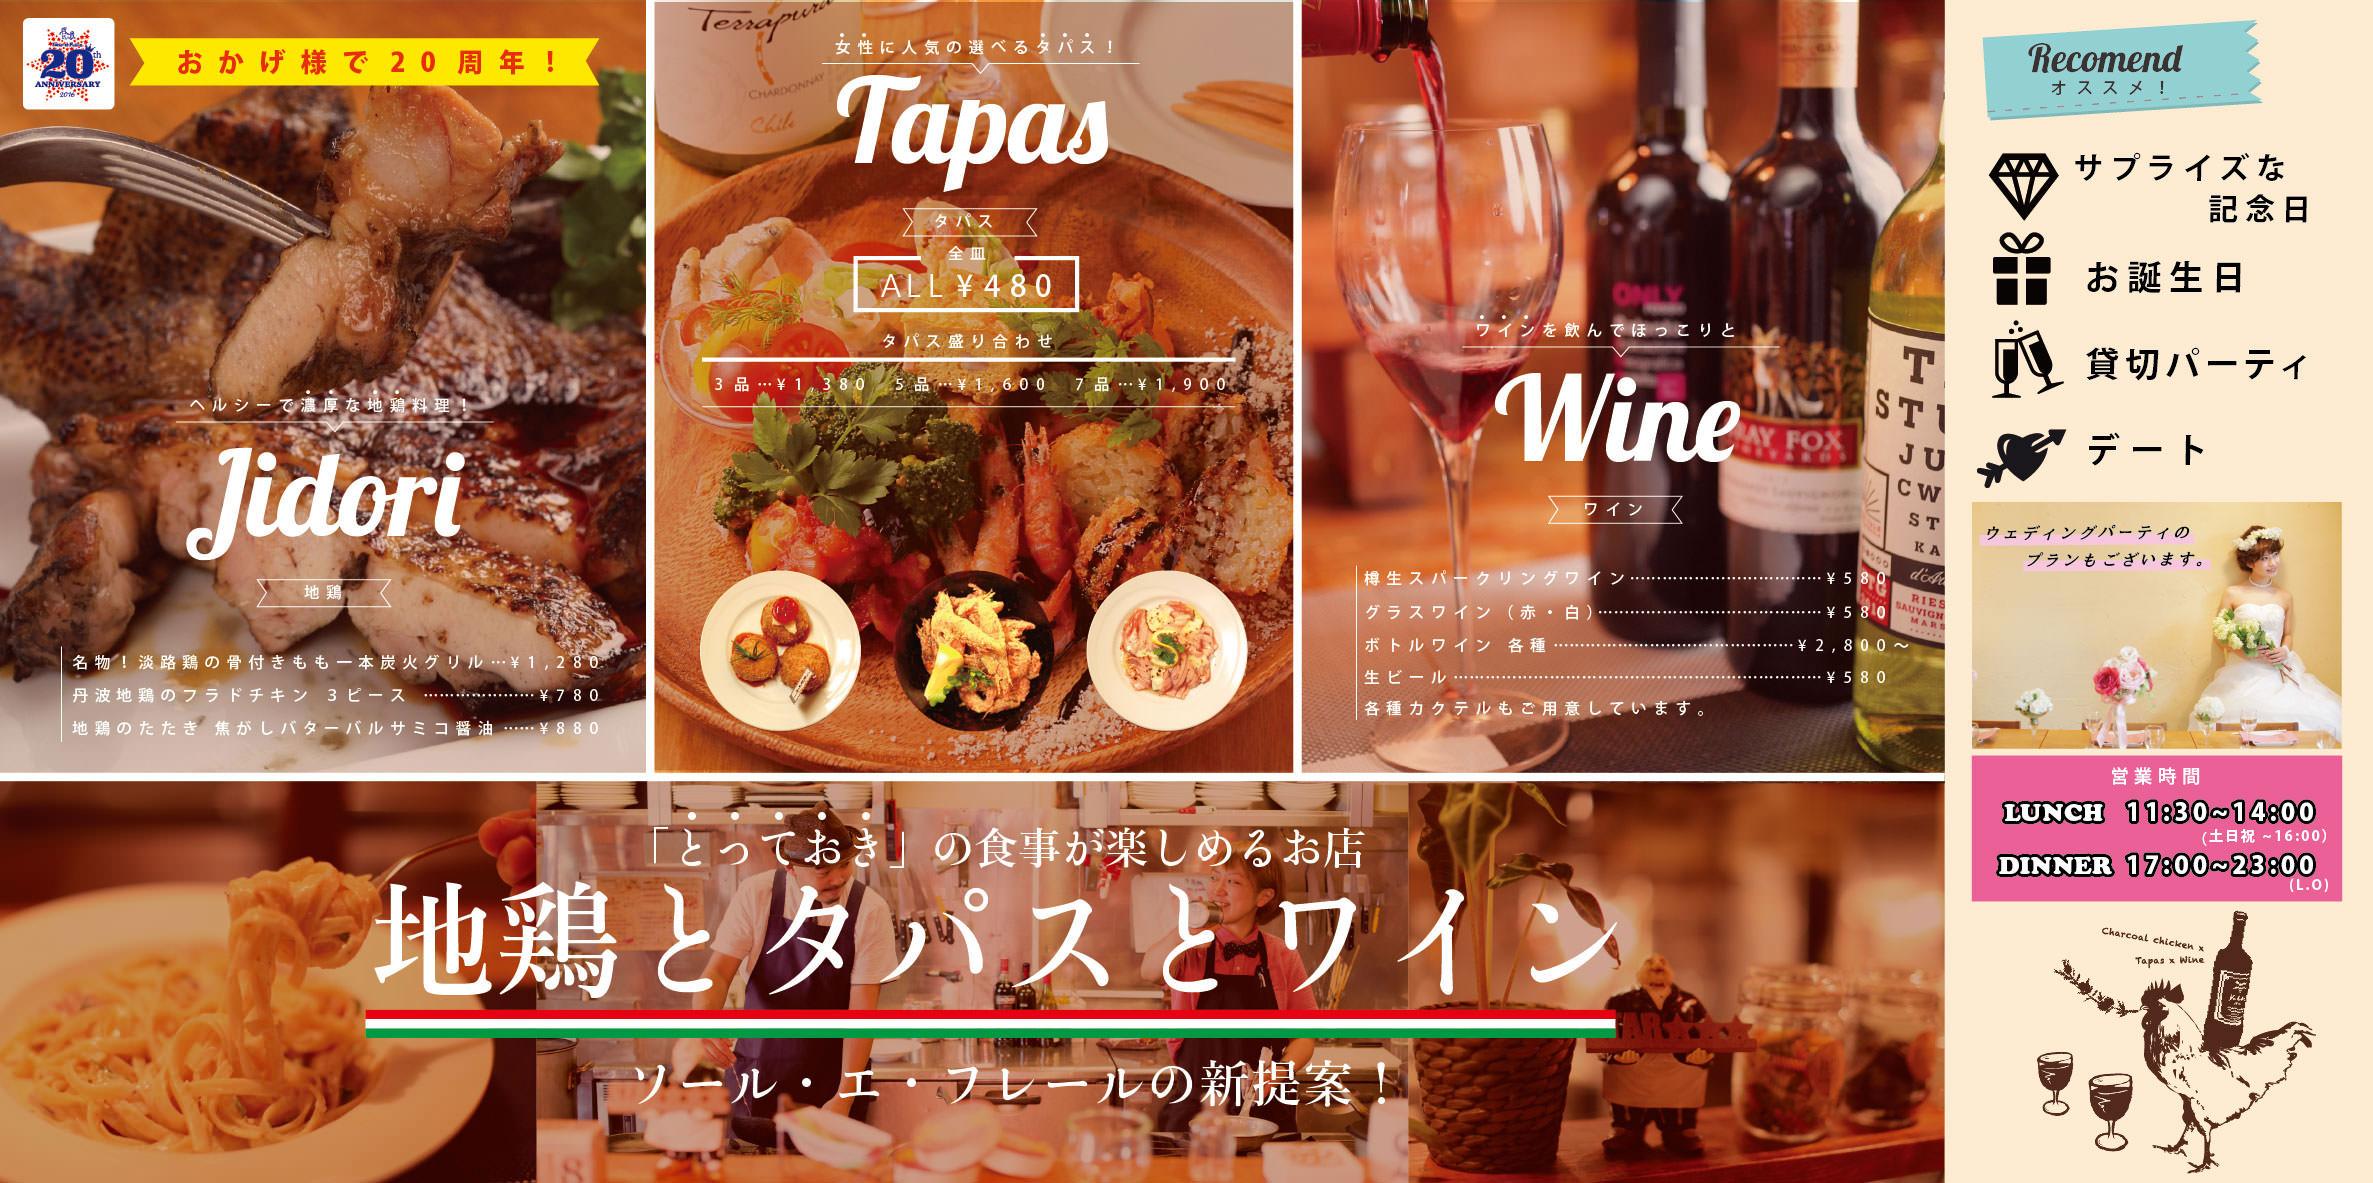 ソール・エ・フレール 地鶏とタパスとワイン